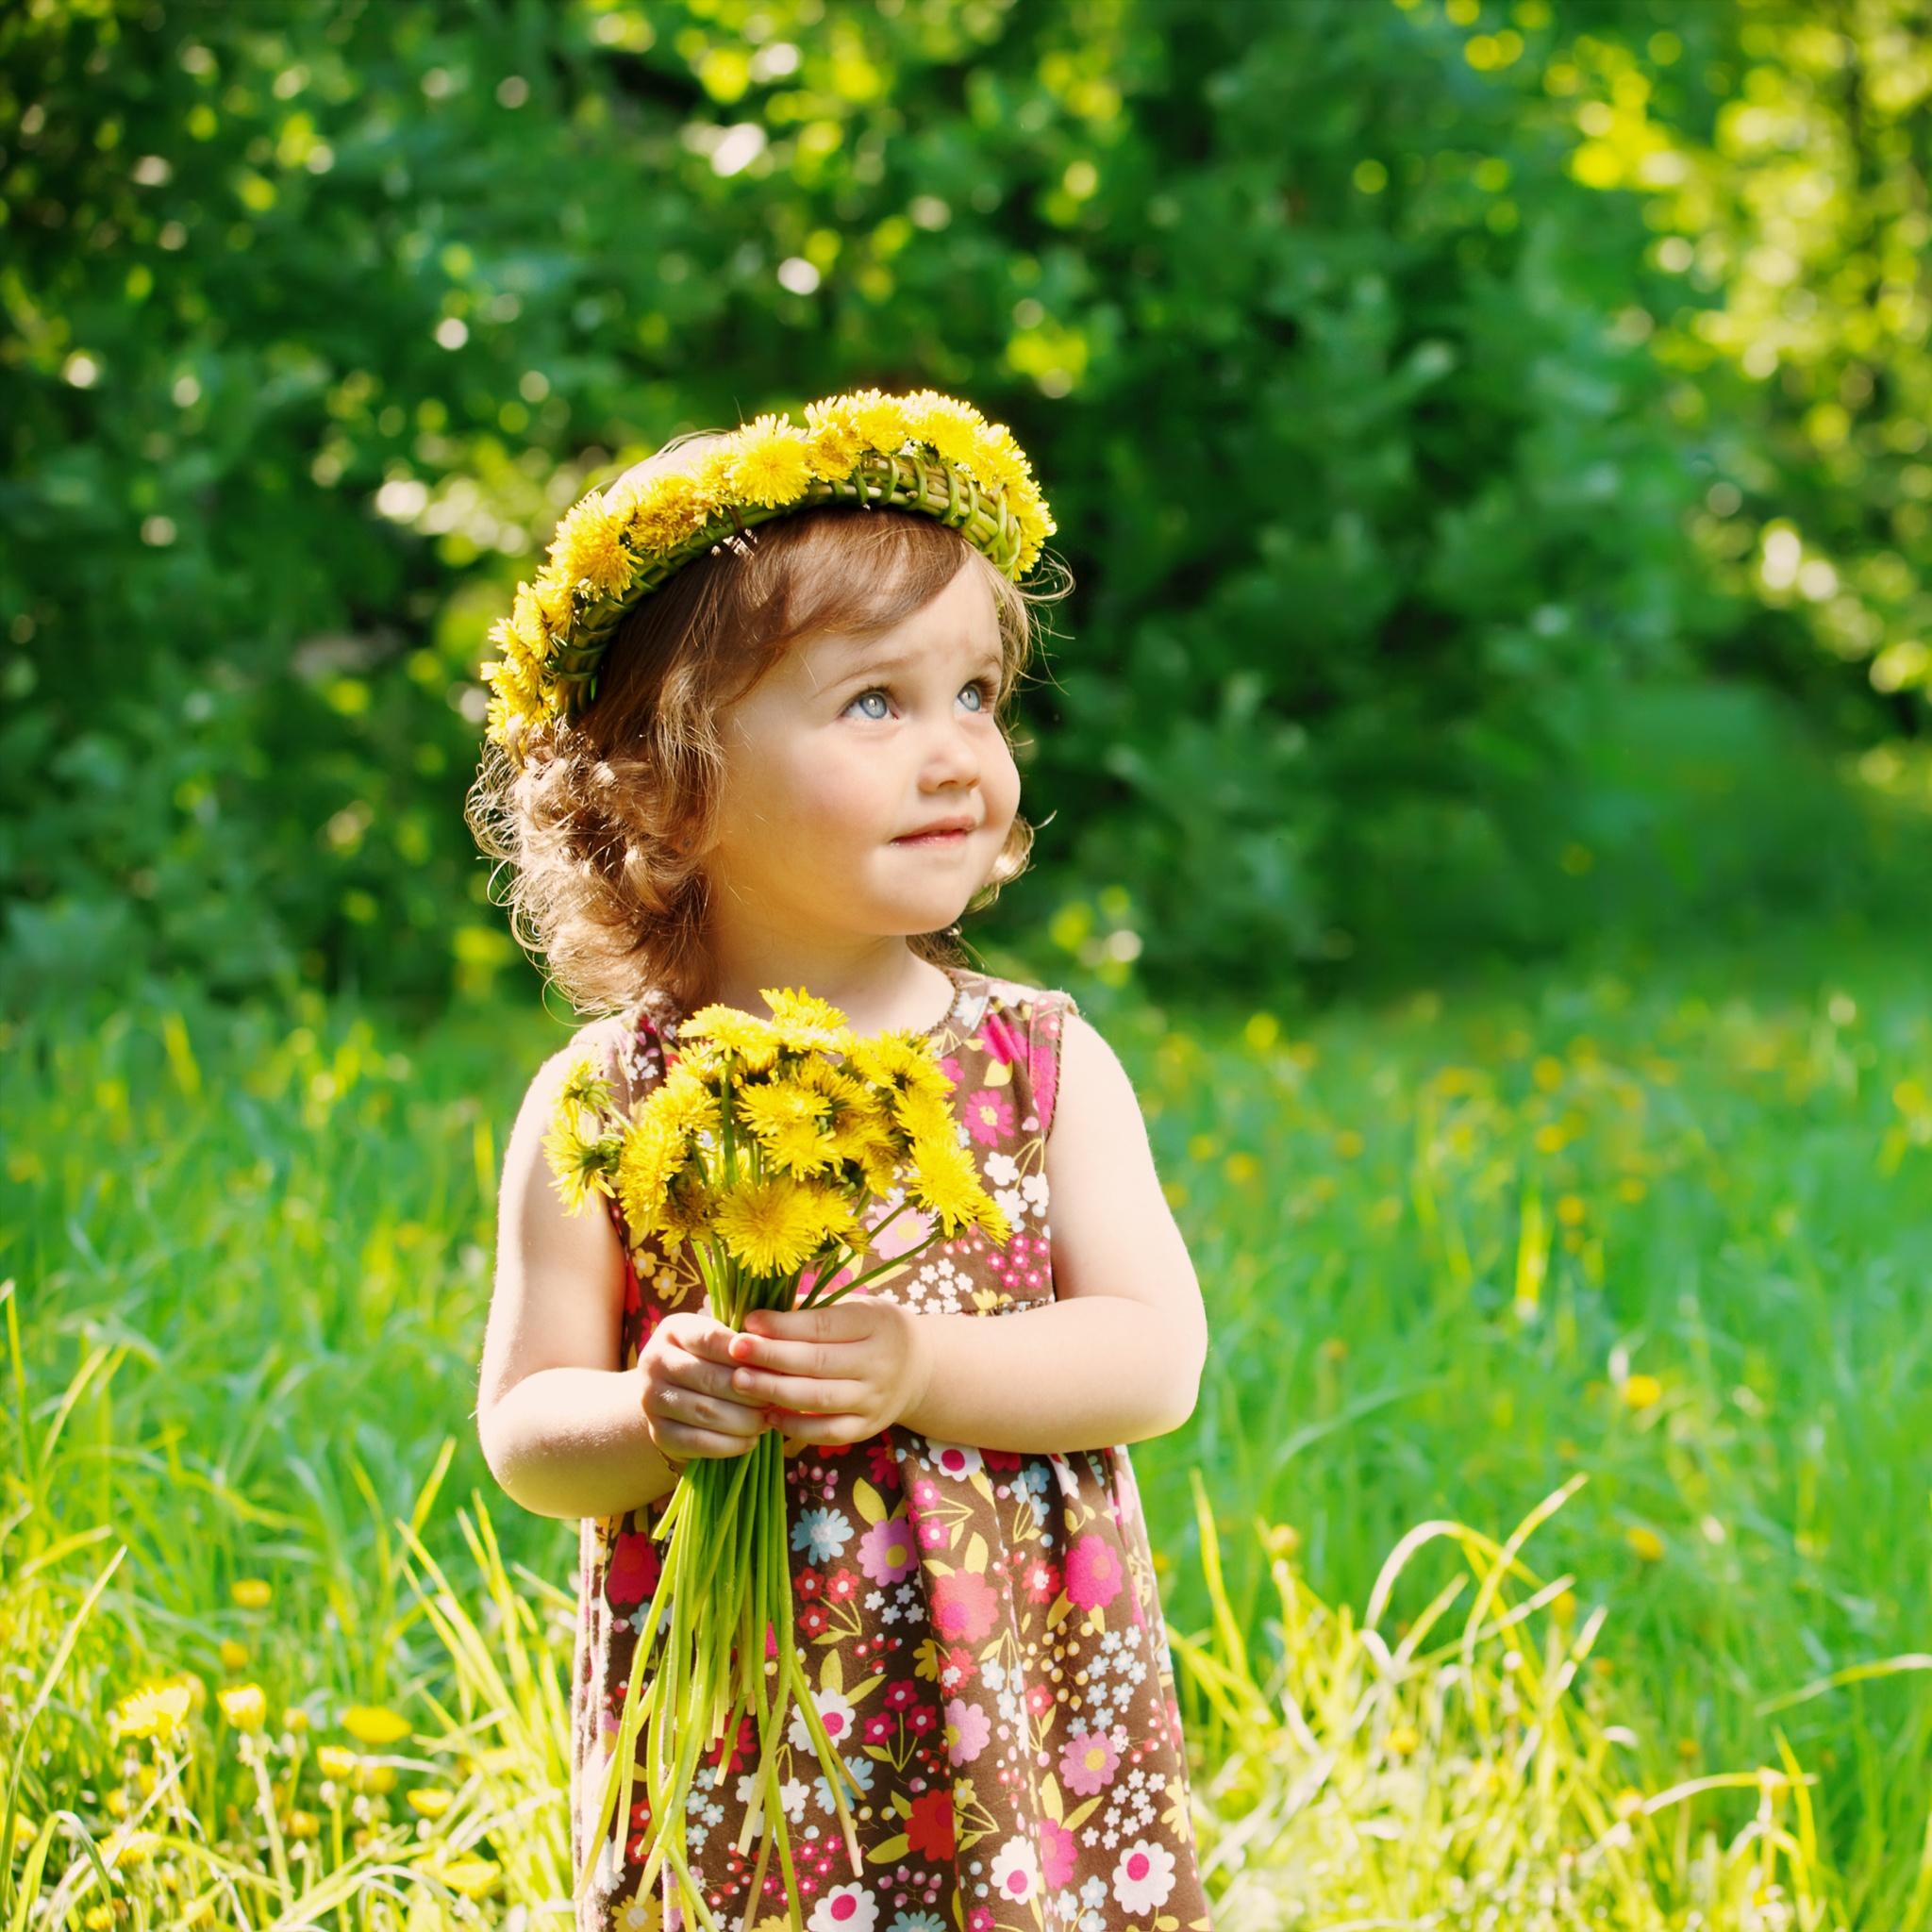 可爱 欧美 小女孩